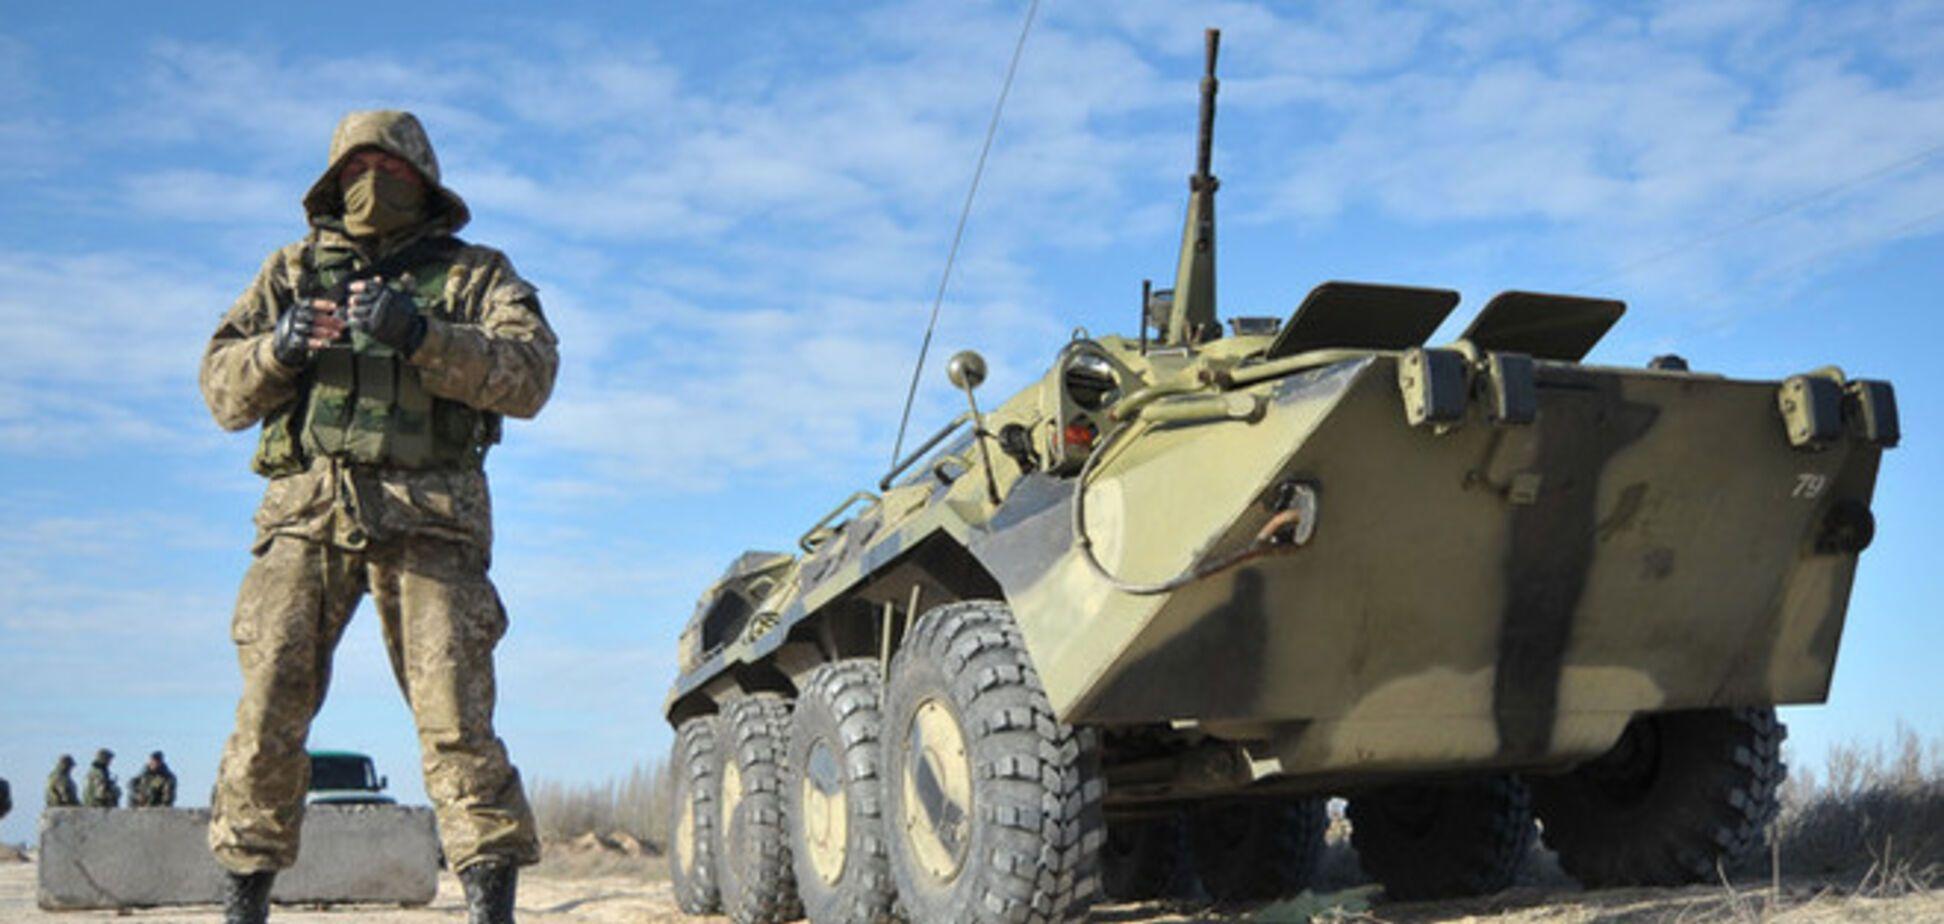 У Авакова уверяют, что с 14 июня граница с РФ будет перекрыта бронетехникой и силовиками